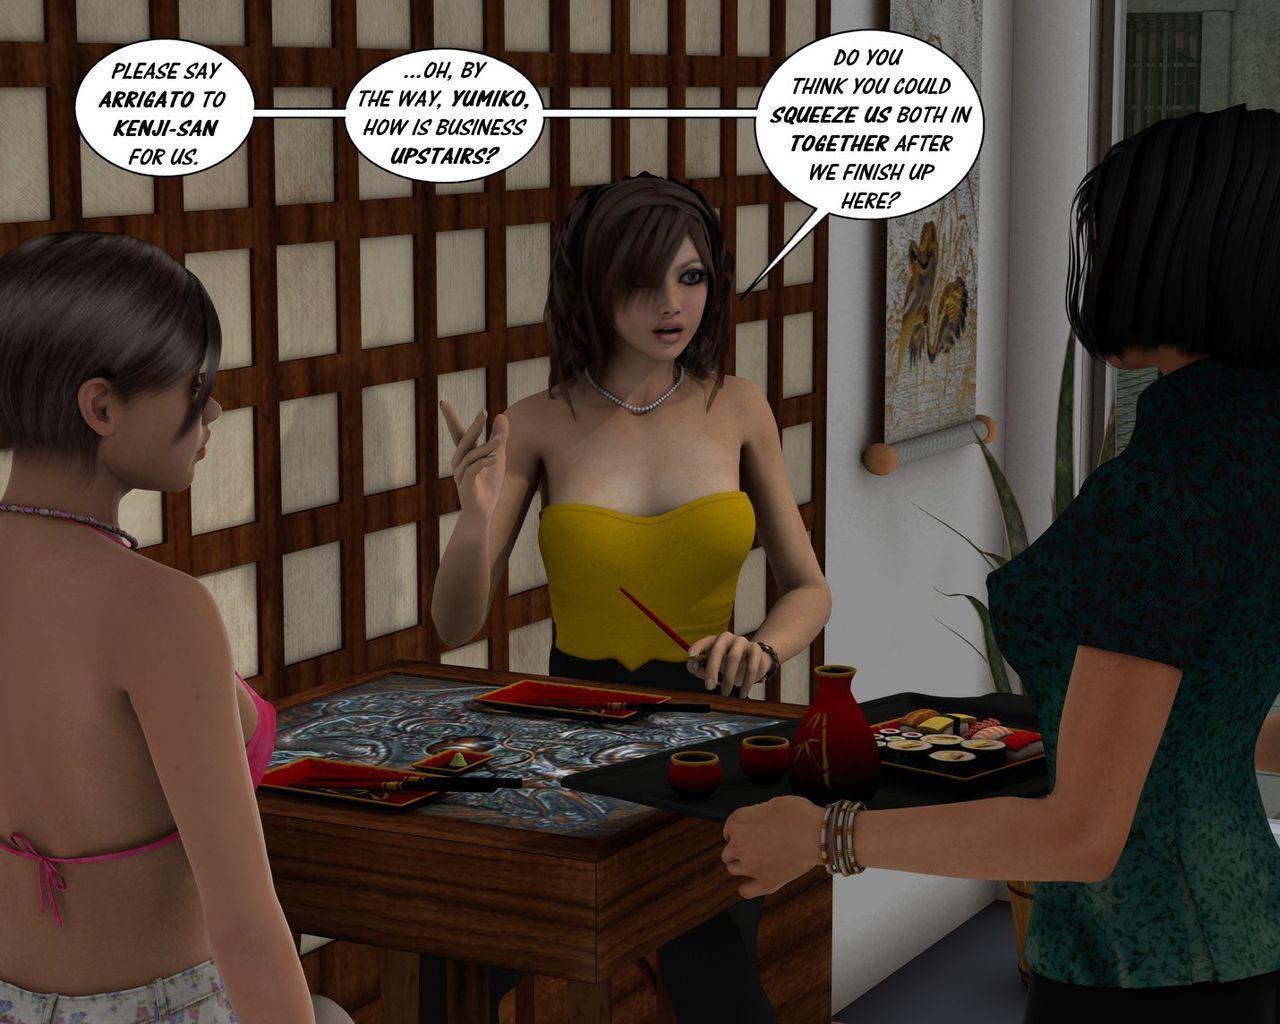 [Incipient] Zasie Internet Girl Ch. 4: Dressed To Win - part 3